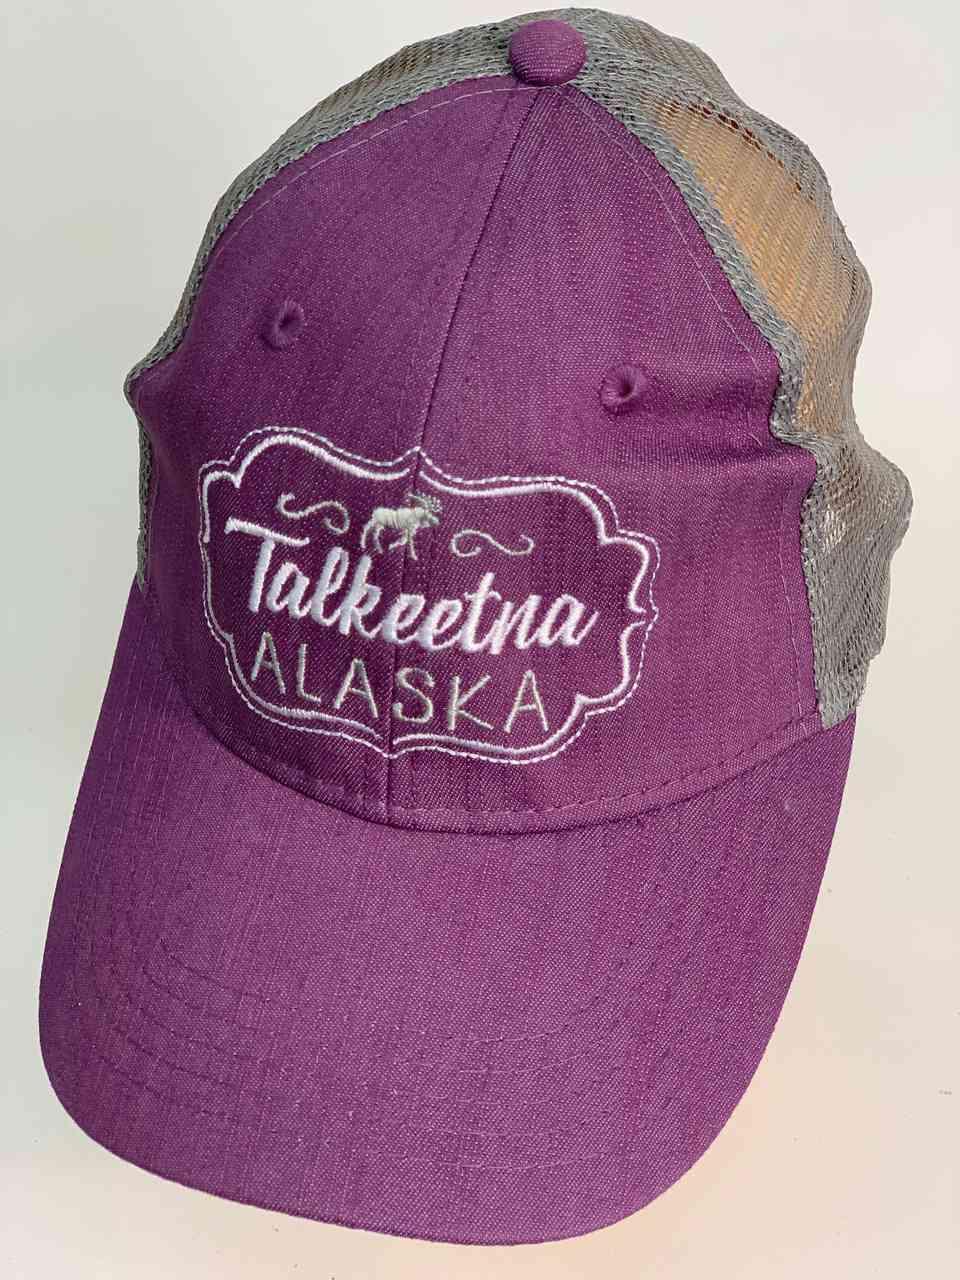 Сиреневая бейсболка с сеткой Talkeetna Alaska